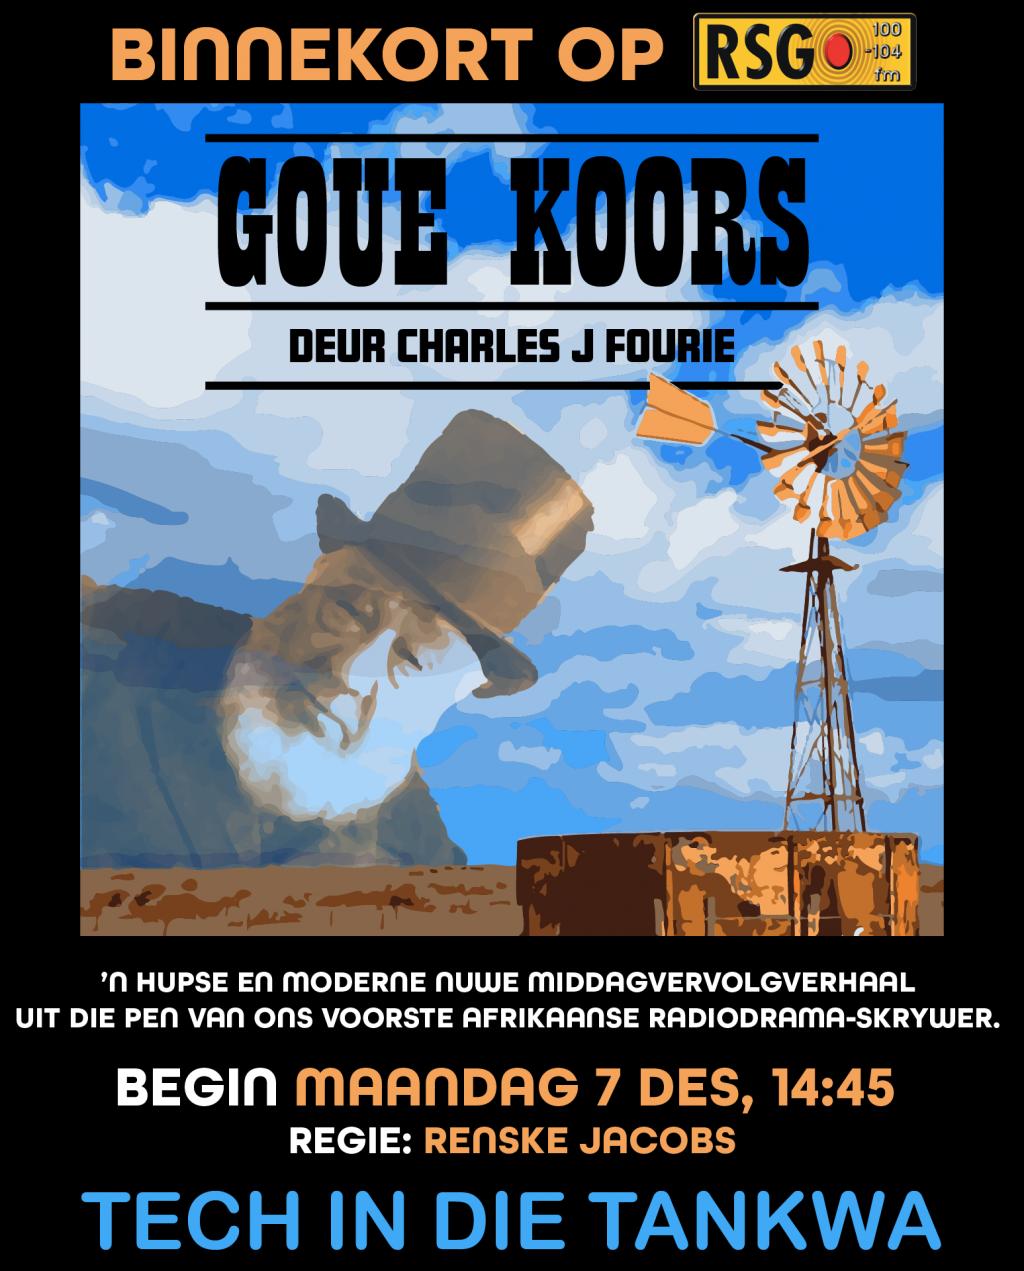 Goue Koors vol avontuur, liefde, kinkels en kabels